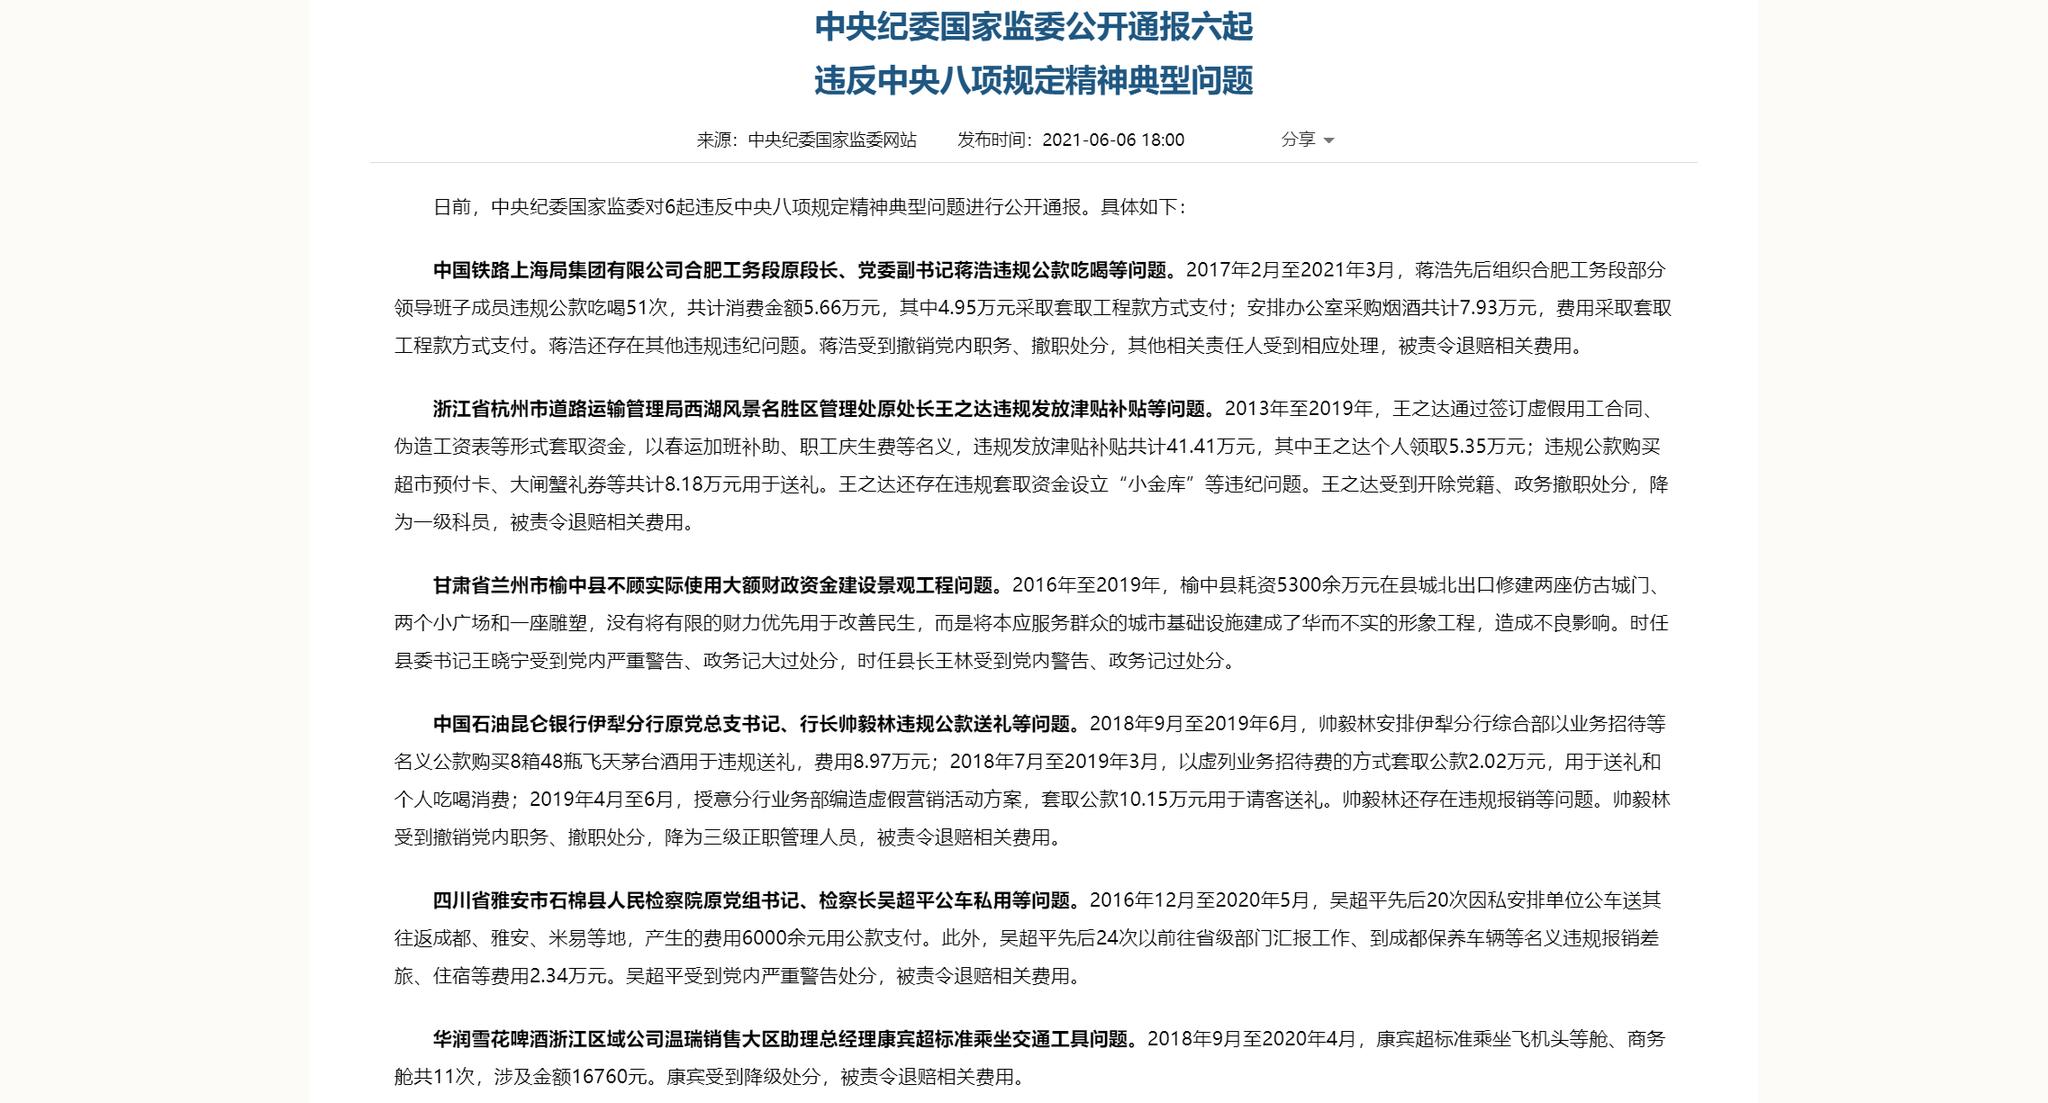 违反八项规定,华润雪花啤酒一销售大区助理总经理受到降级处分